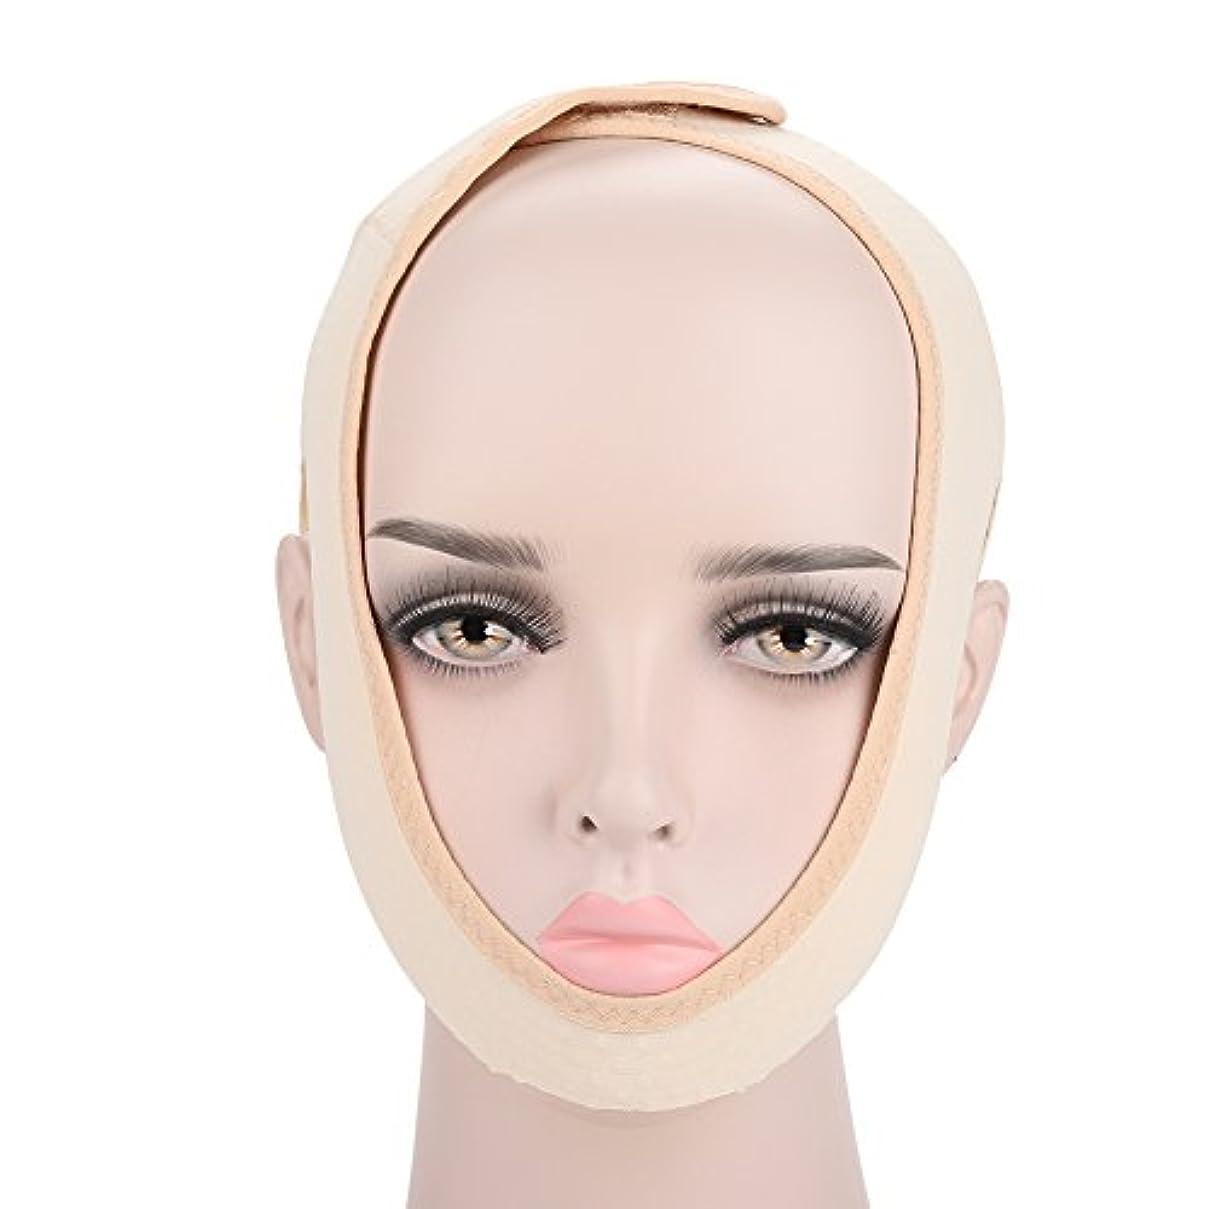 作業不愉快抹消顔の輪郭を改善するための顔の痩身マスク、通気性と伸縮性、二重あごを和らげ、顔の手術とリハビリ